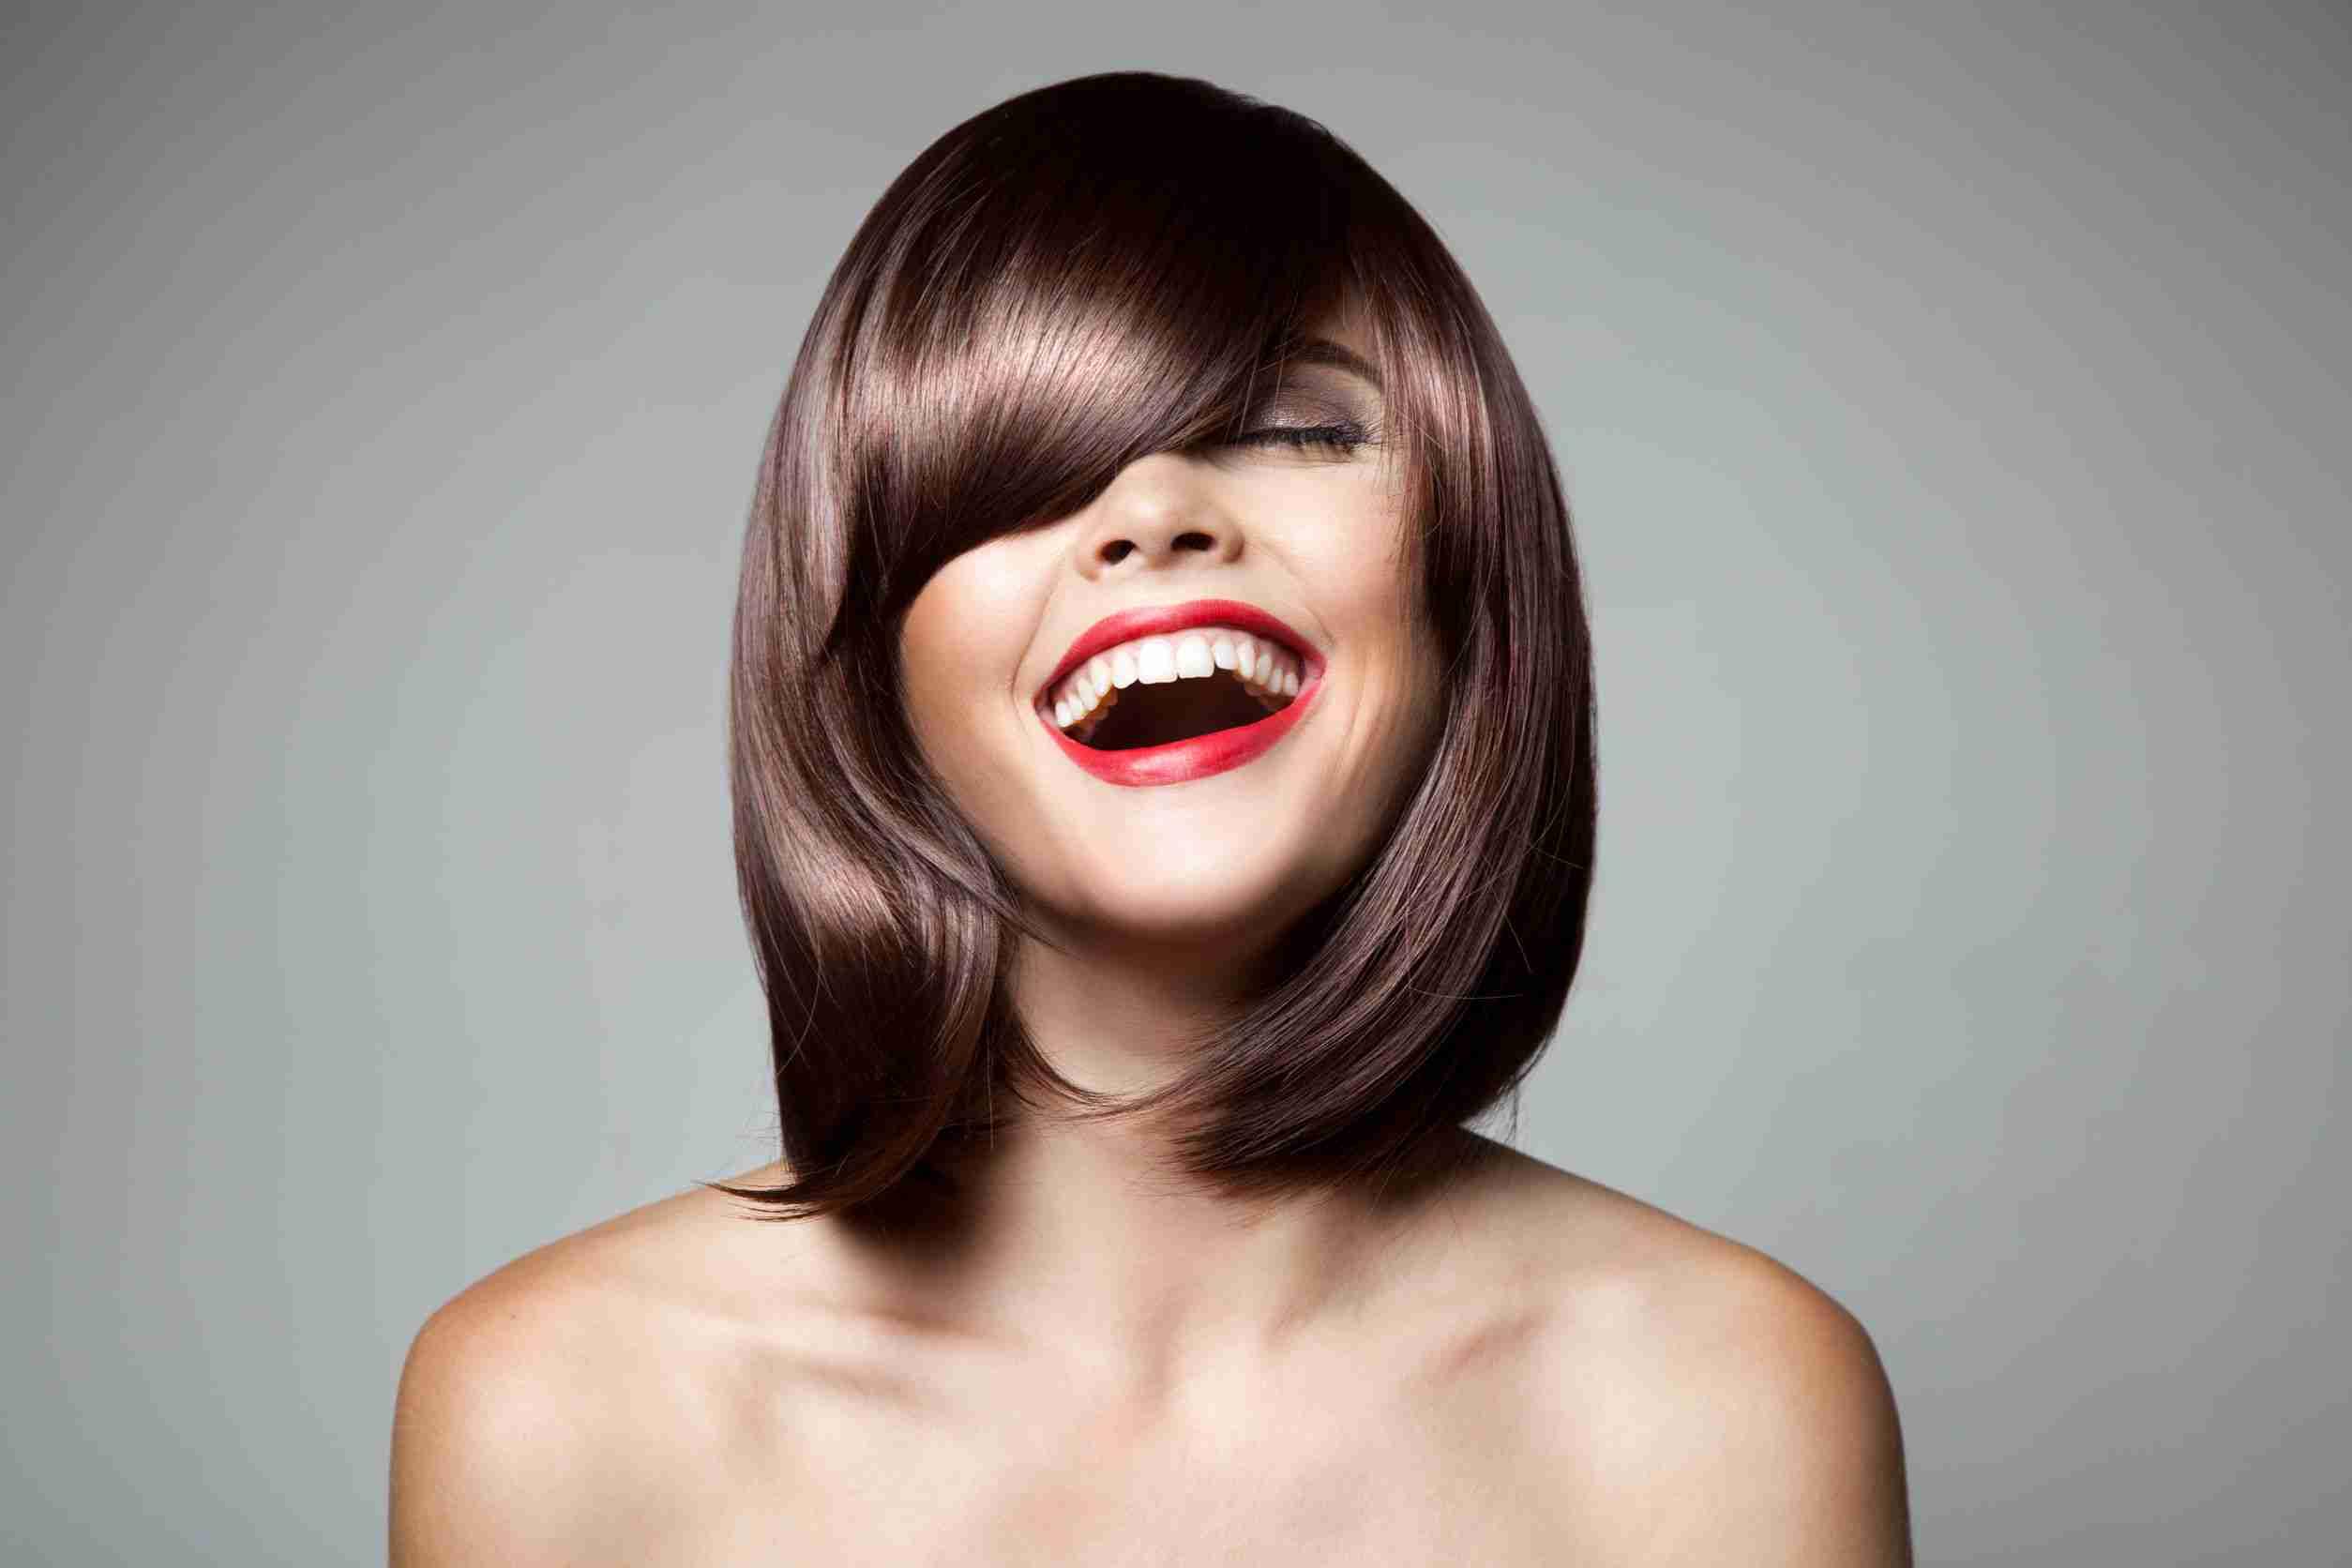 髪がツヤツヤになるおすすめの市販シャンプーランキング6選【口コミあり】